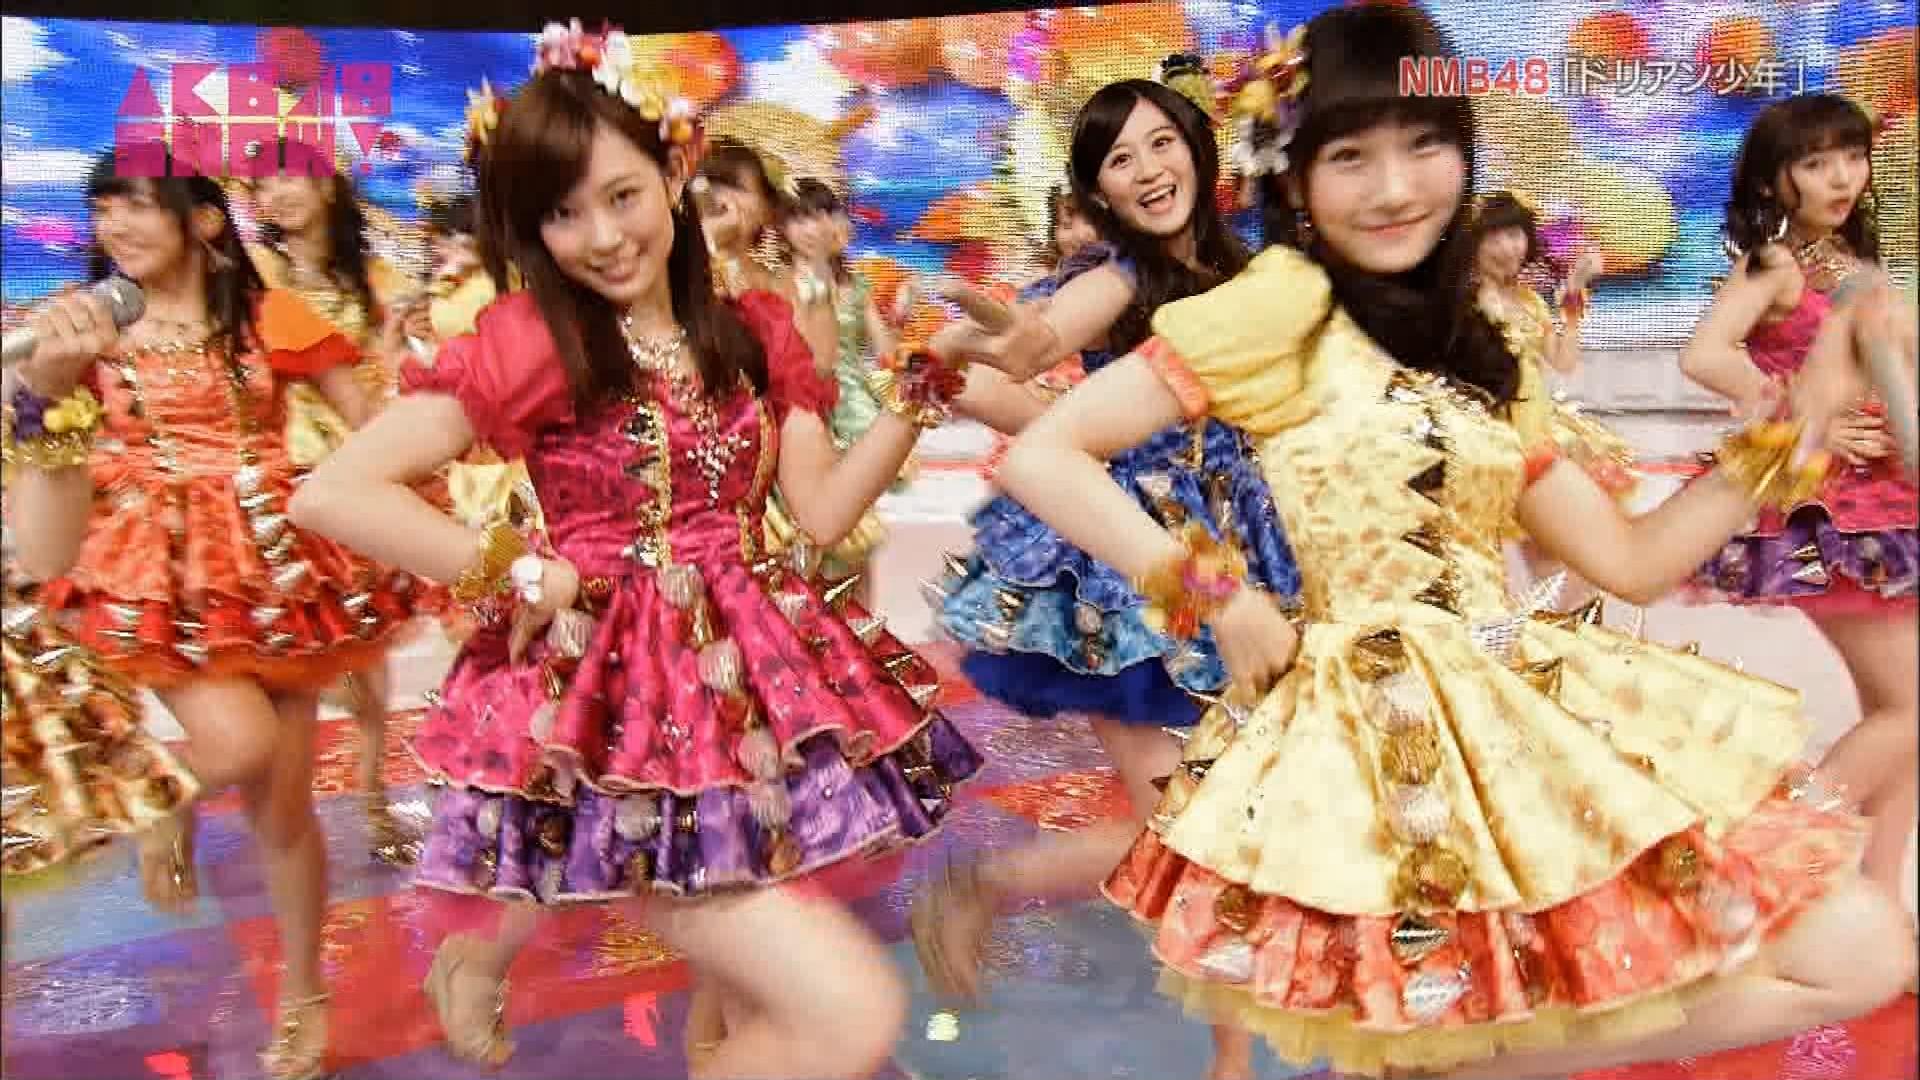 矢倉楓子 NMB48ドリアン少年 AKB48SHOW20150613 (11)